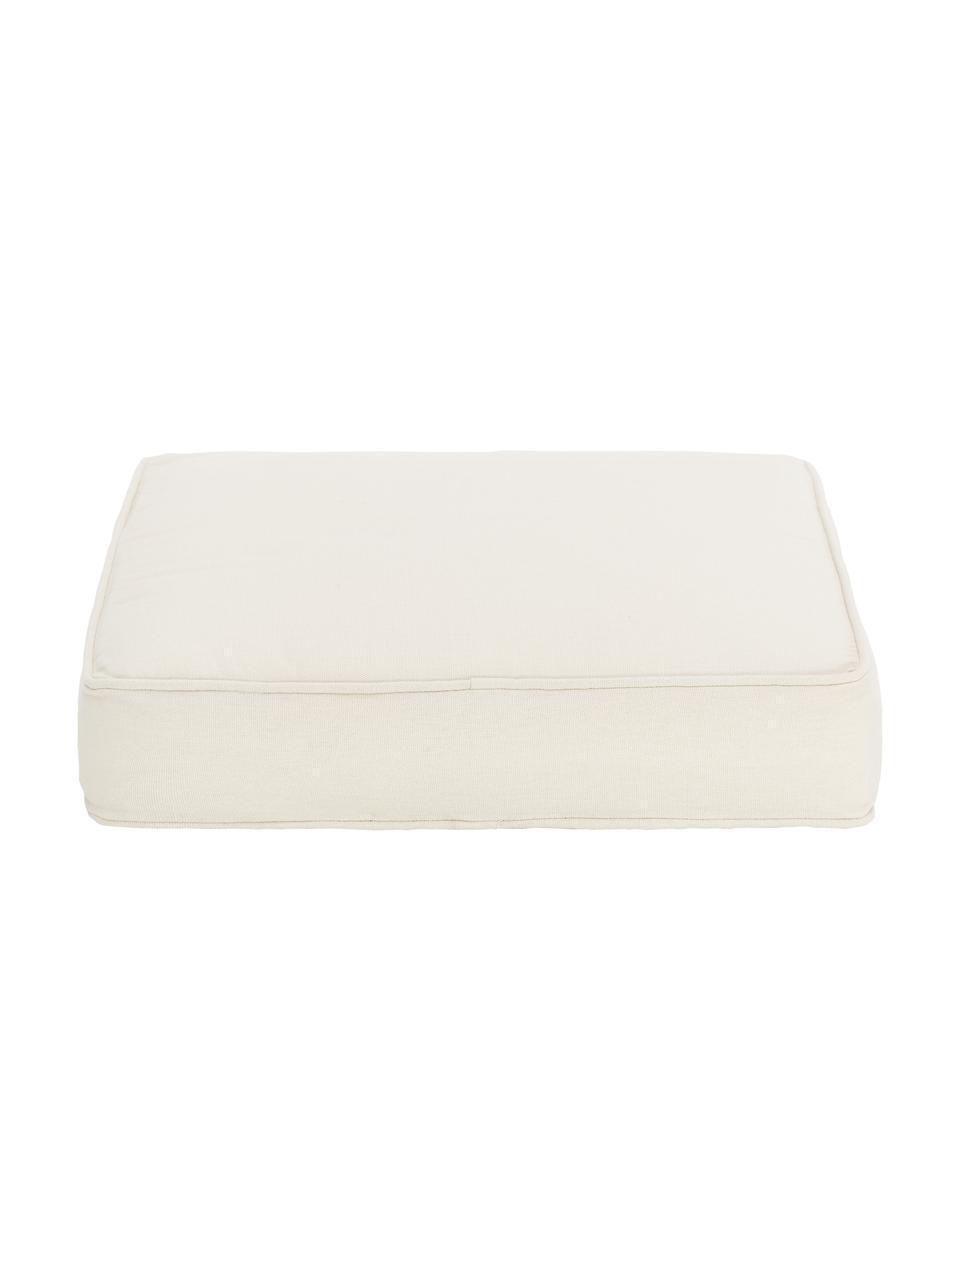 Cuscino sedia alto beige Zoey, Rivestimento: 100% cotone, Beige, Larg. 40 x Lung. 40 cm